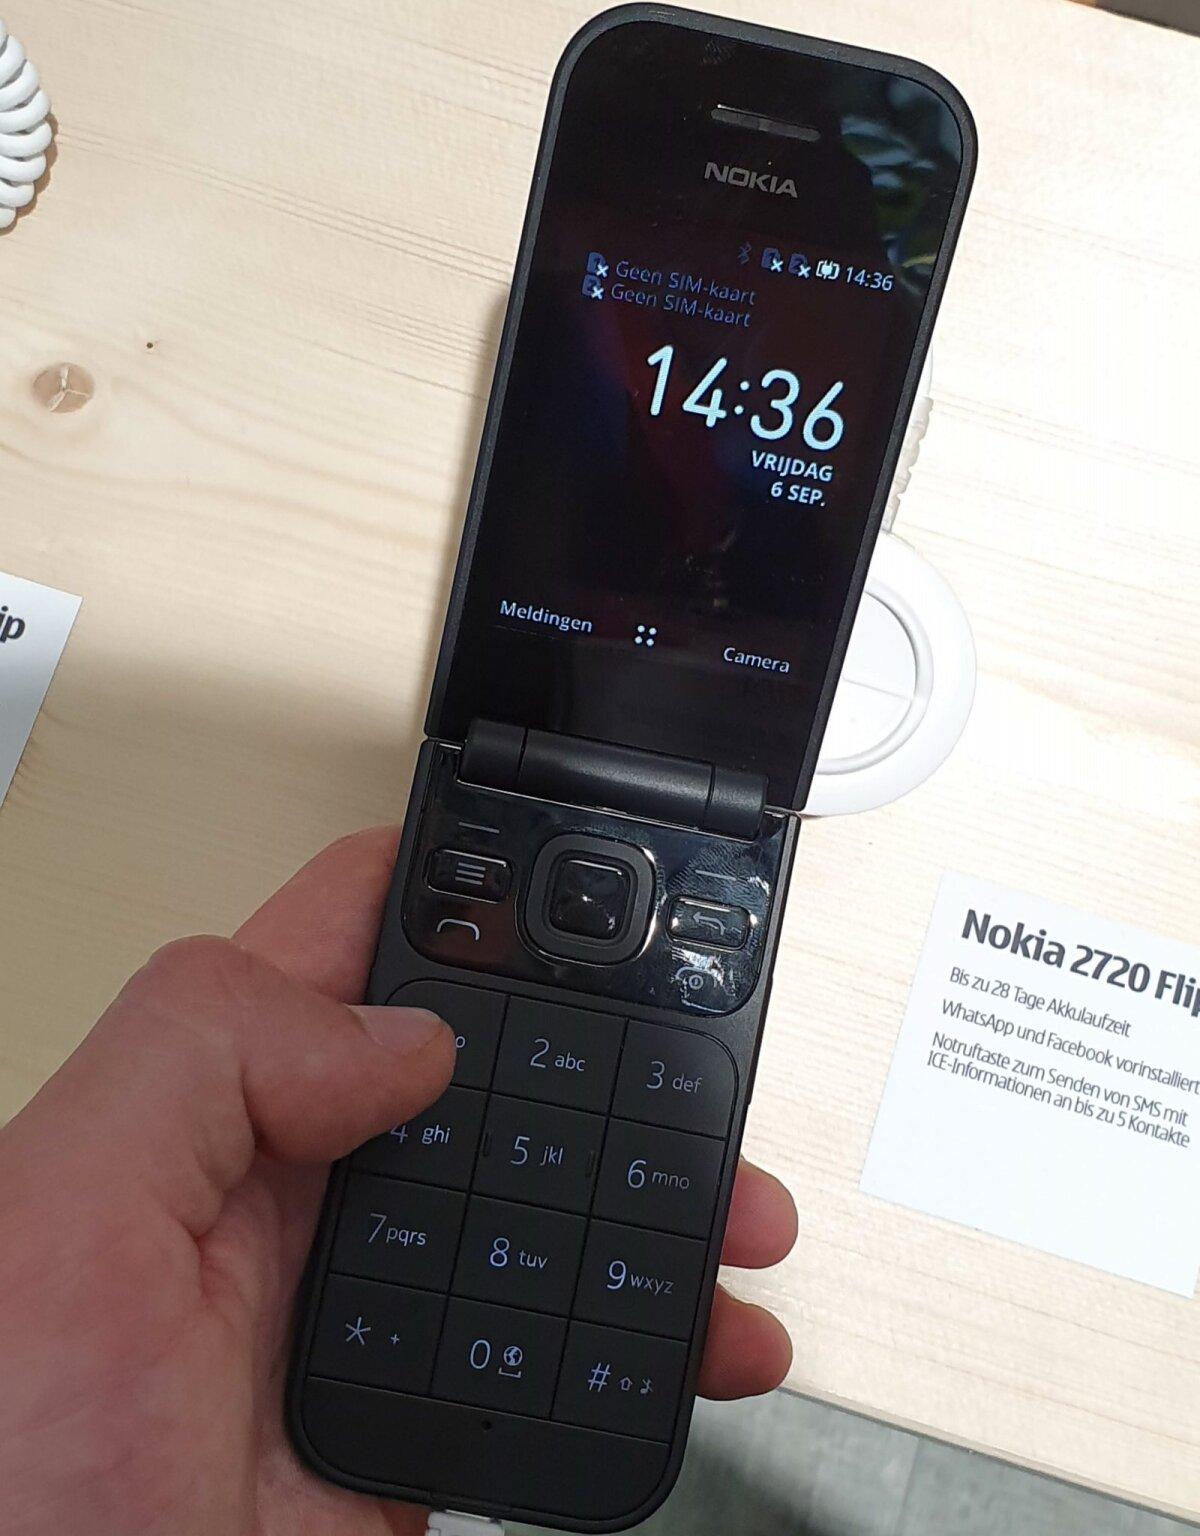 Nokia 2720 Flip on vana hea klapiga telefoni uusversioon